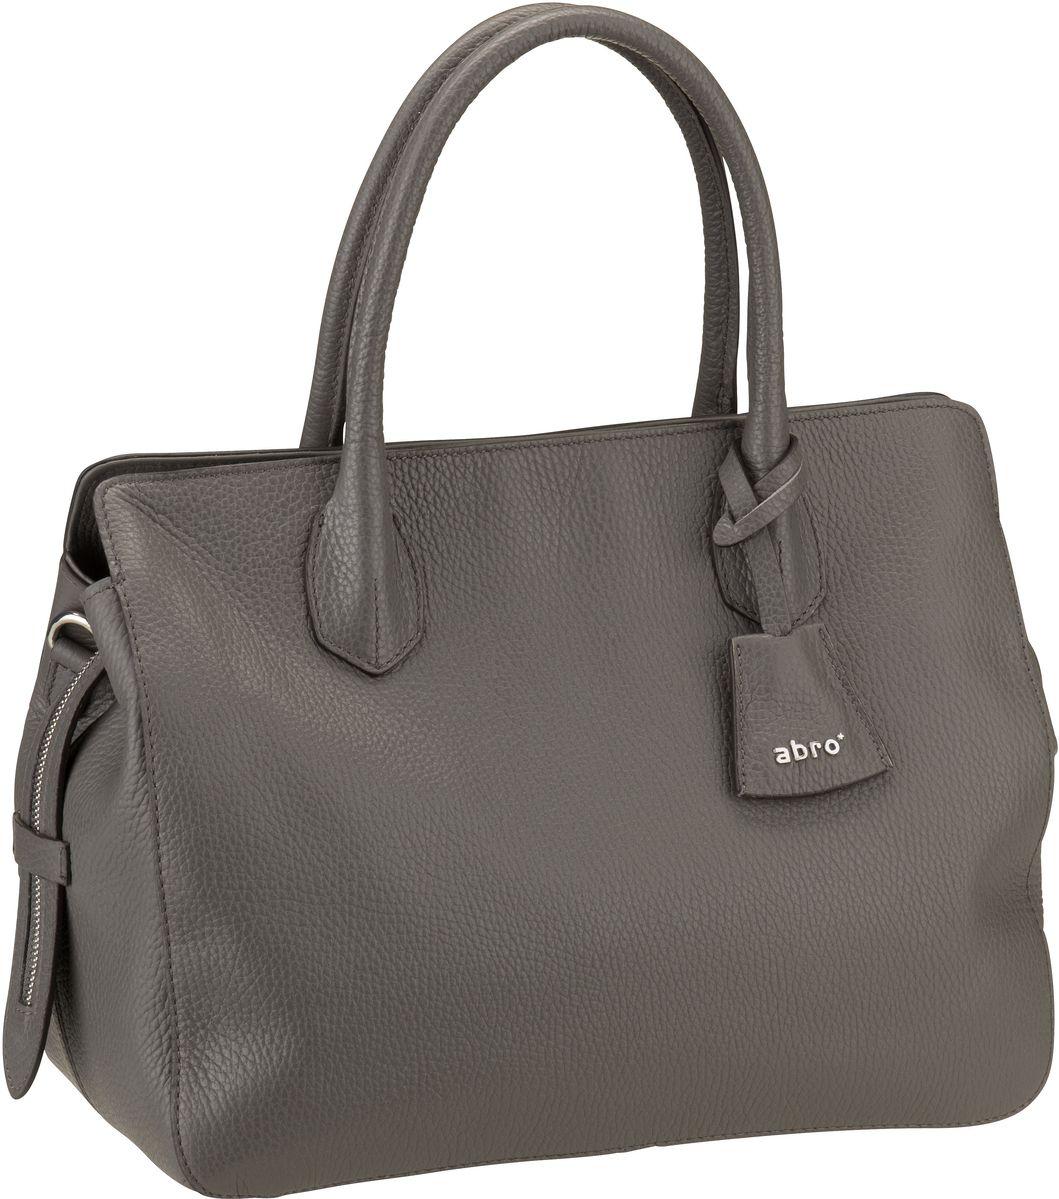 Handtasche Calf Adria 28131 Grey